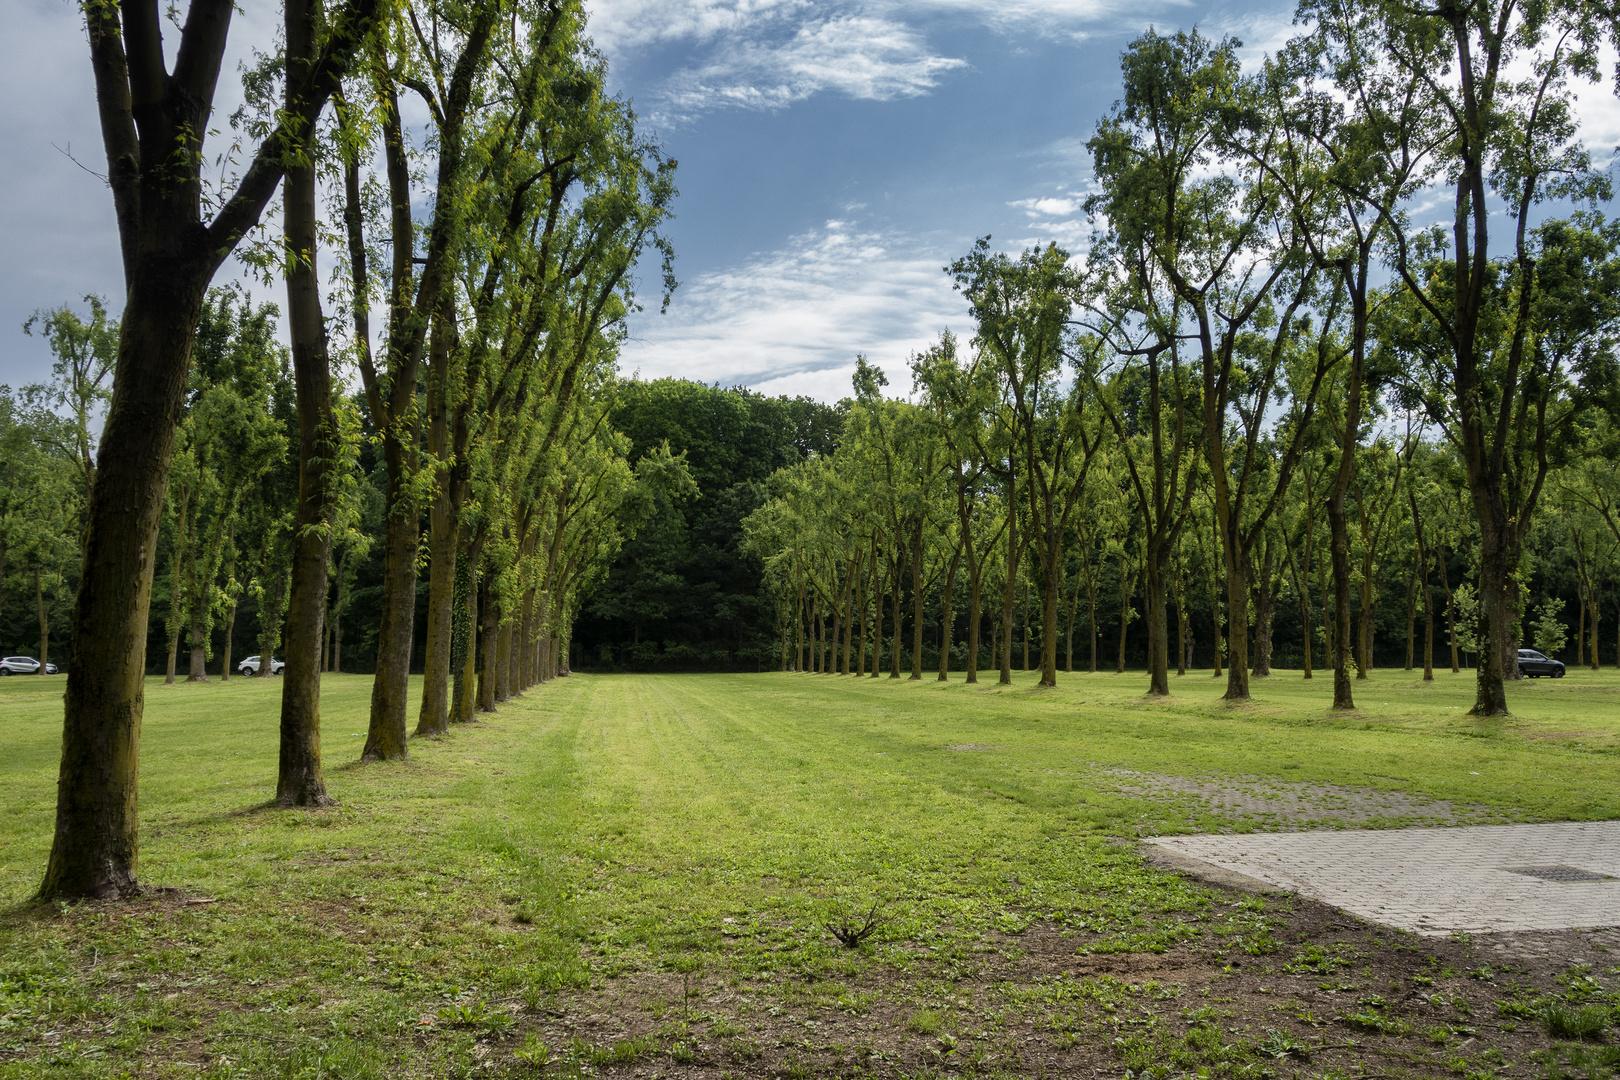 Parcheggio del parco, Monza